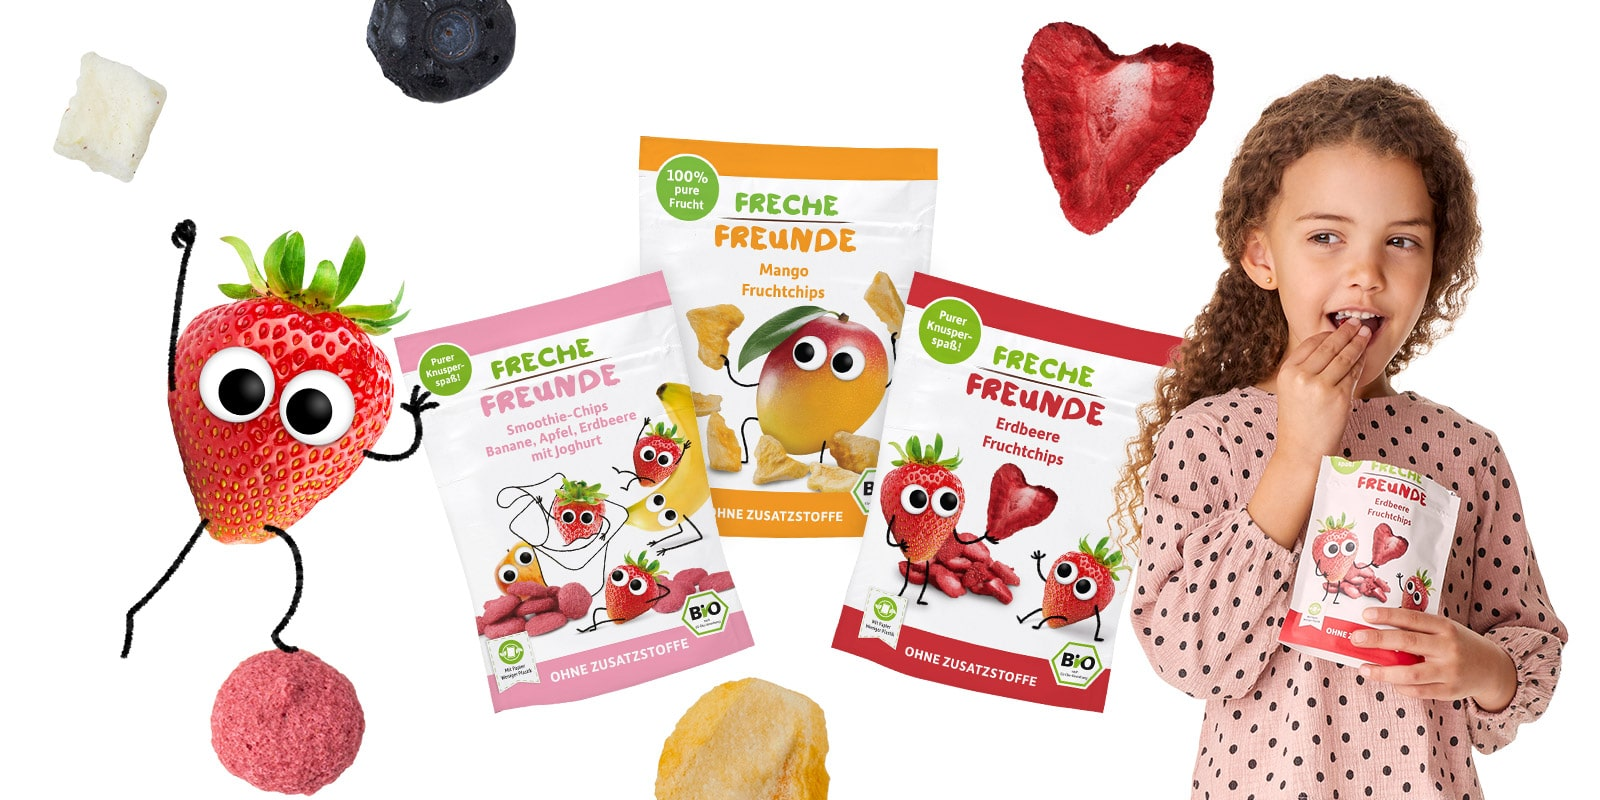 Freche Freunde Freche Freunde Gefriergetrocknete Früchte BannerFruchtchips_l-min